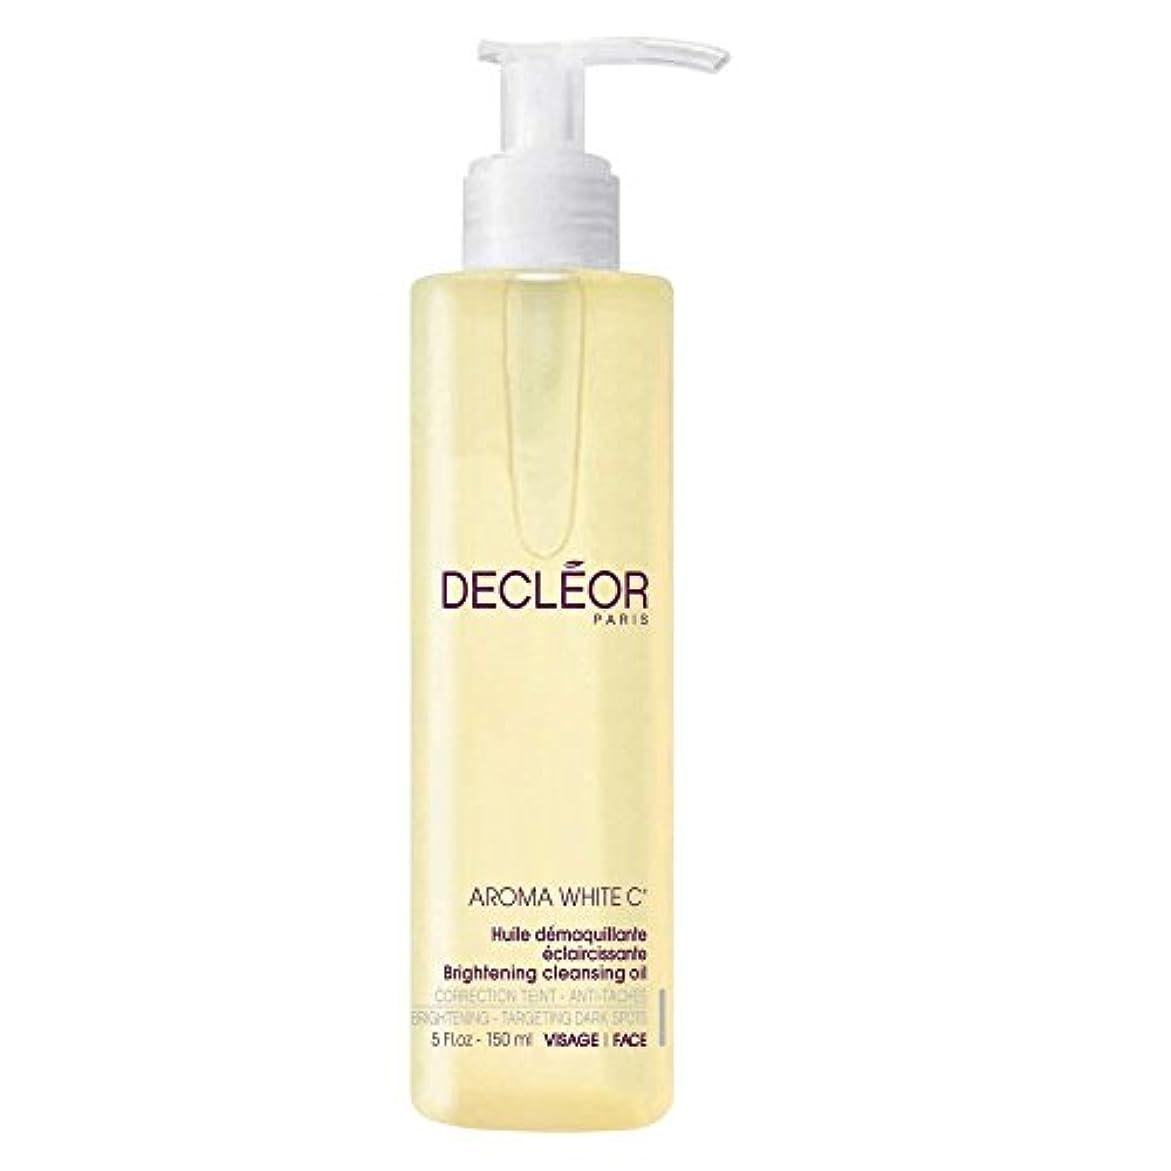 抗生物質残り物爆発[Decl?or] 150ミリリットルデクレオールブライトニングクレンジングオイル、 - Decl?or Brightening Cleansing Oil, 150ml [並行輸入品]